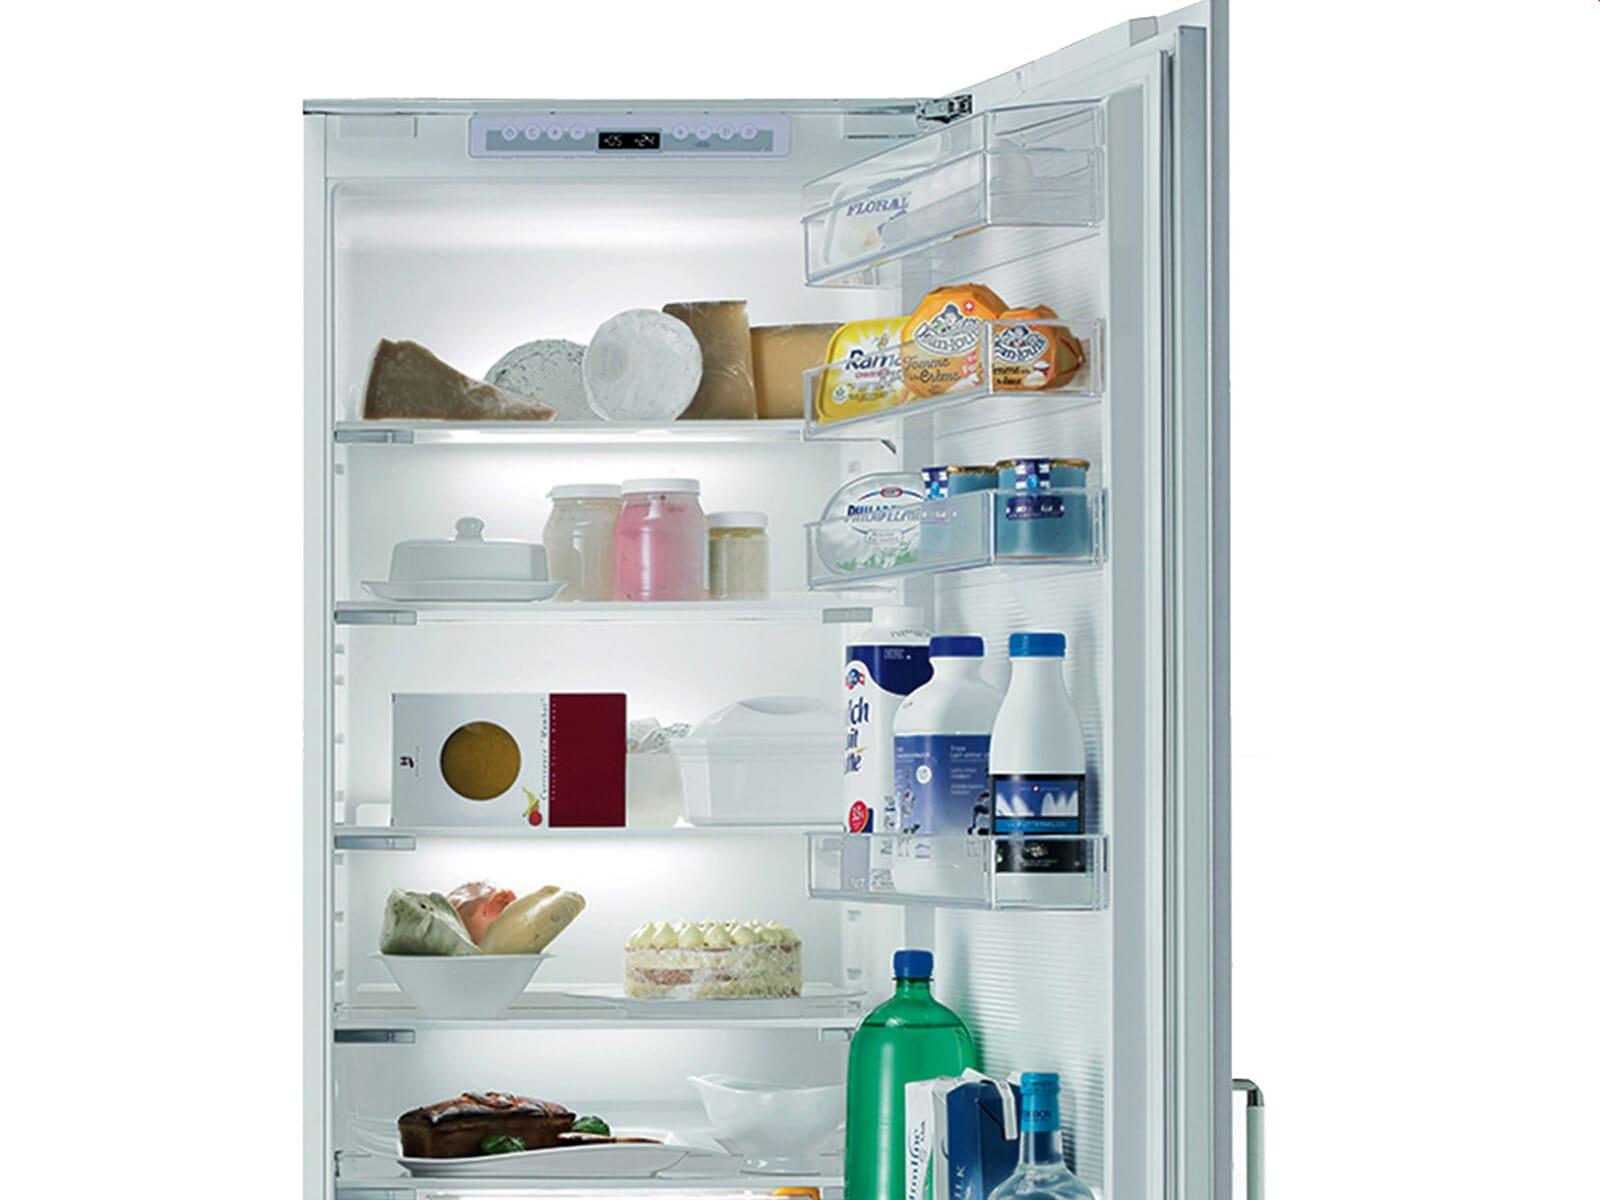 Siemens Kühlschrank Geräusche : Siemens kühlschrank laute geräusche: siemens ki41fad40 einbau